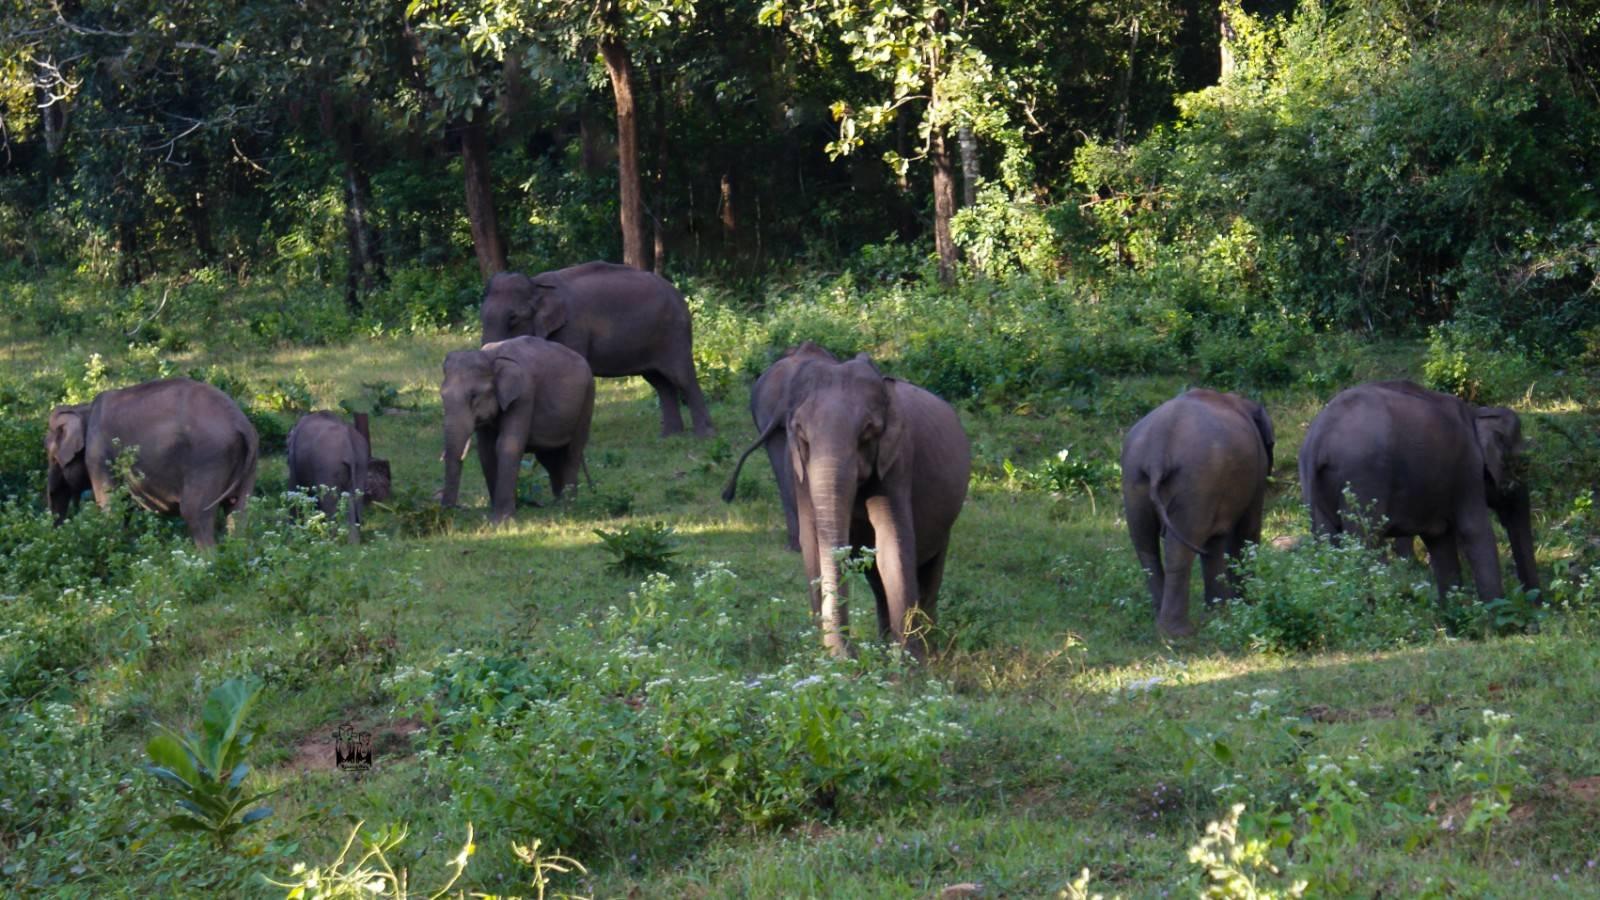 Elephant group,parambikulam wildlife sanctuary